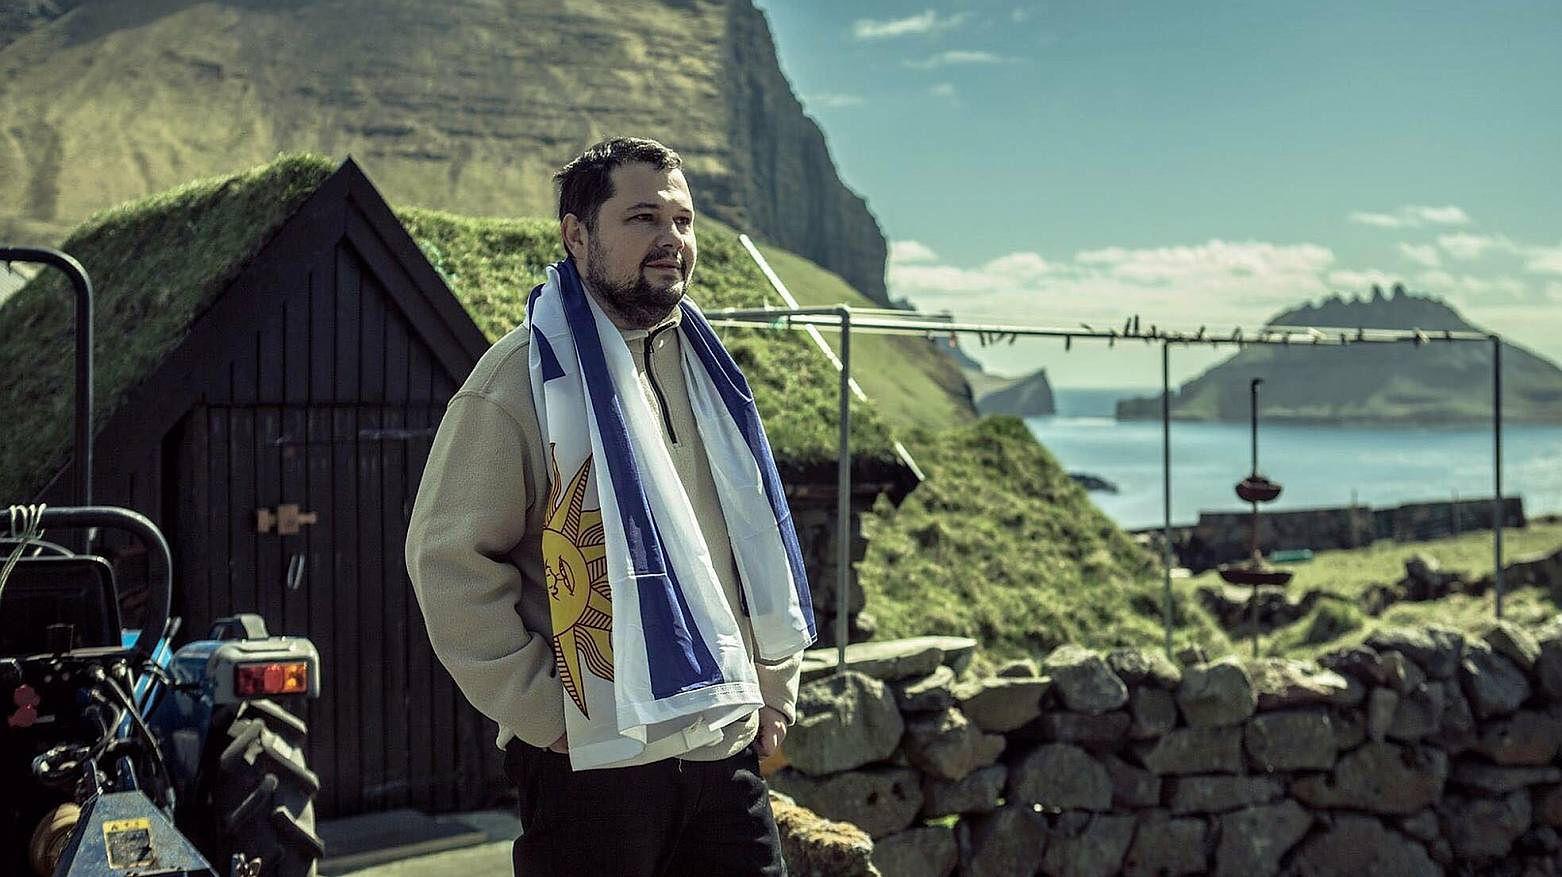 Ivan zrzekł się obywatelstwa Rosji, bo kibicuje Urugwajowi. W piątek pękło mu serce